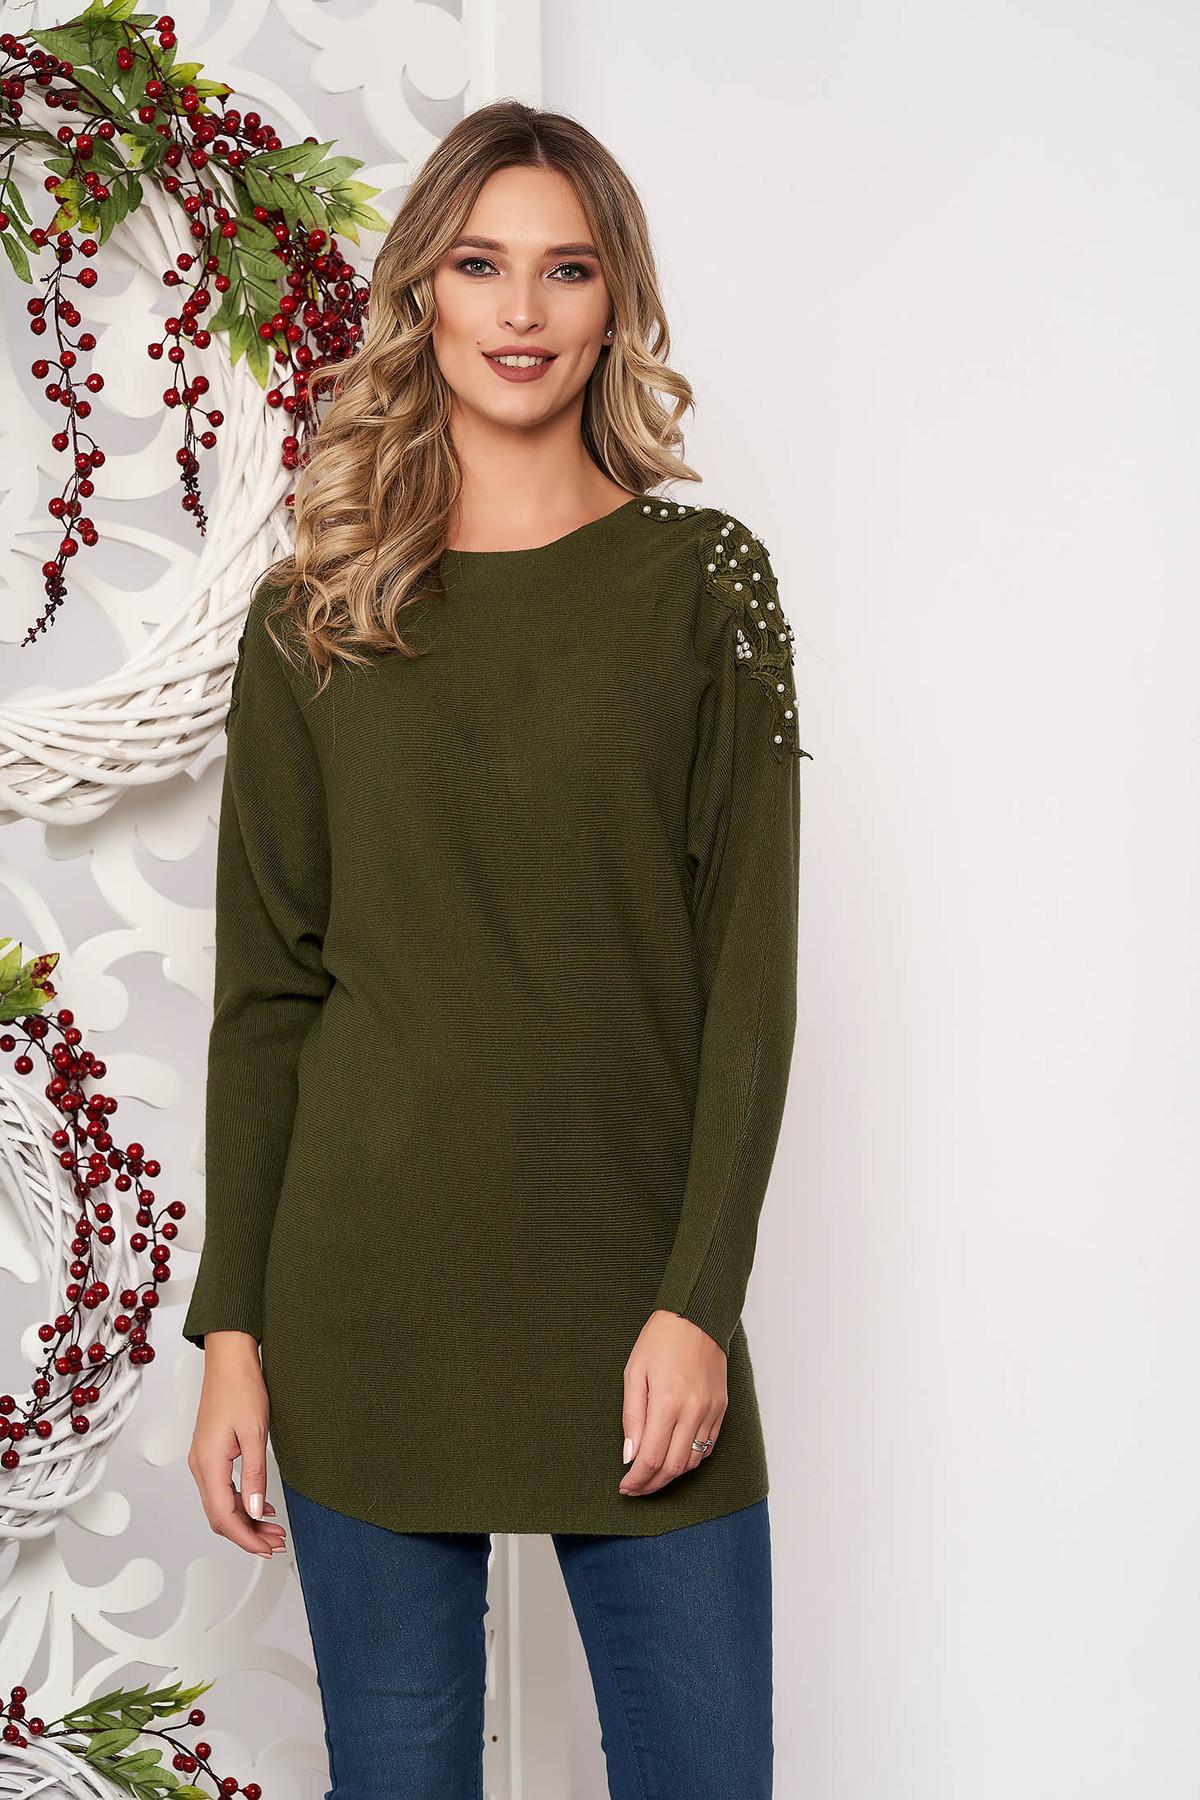 Pulover SunShine verde-inchis cu croi larg scurt din material tricotat cu aplicatii de dantela cu maneci lungi